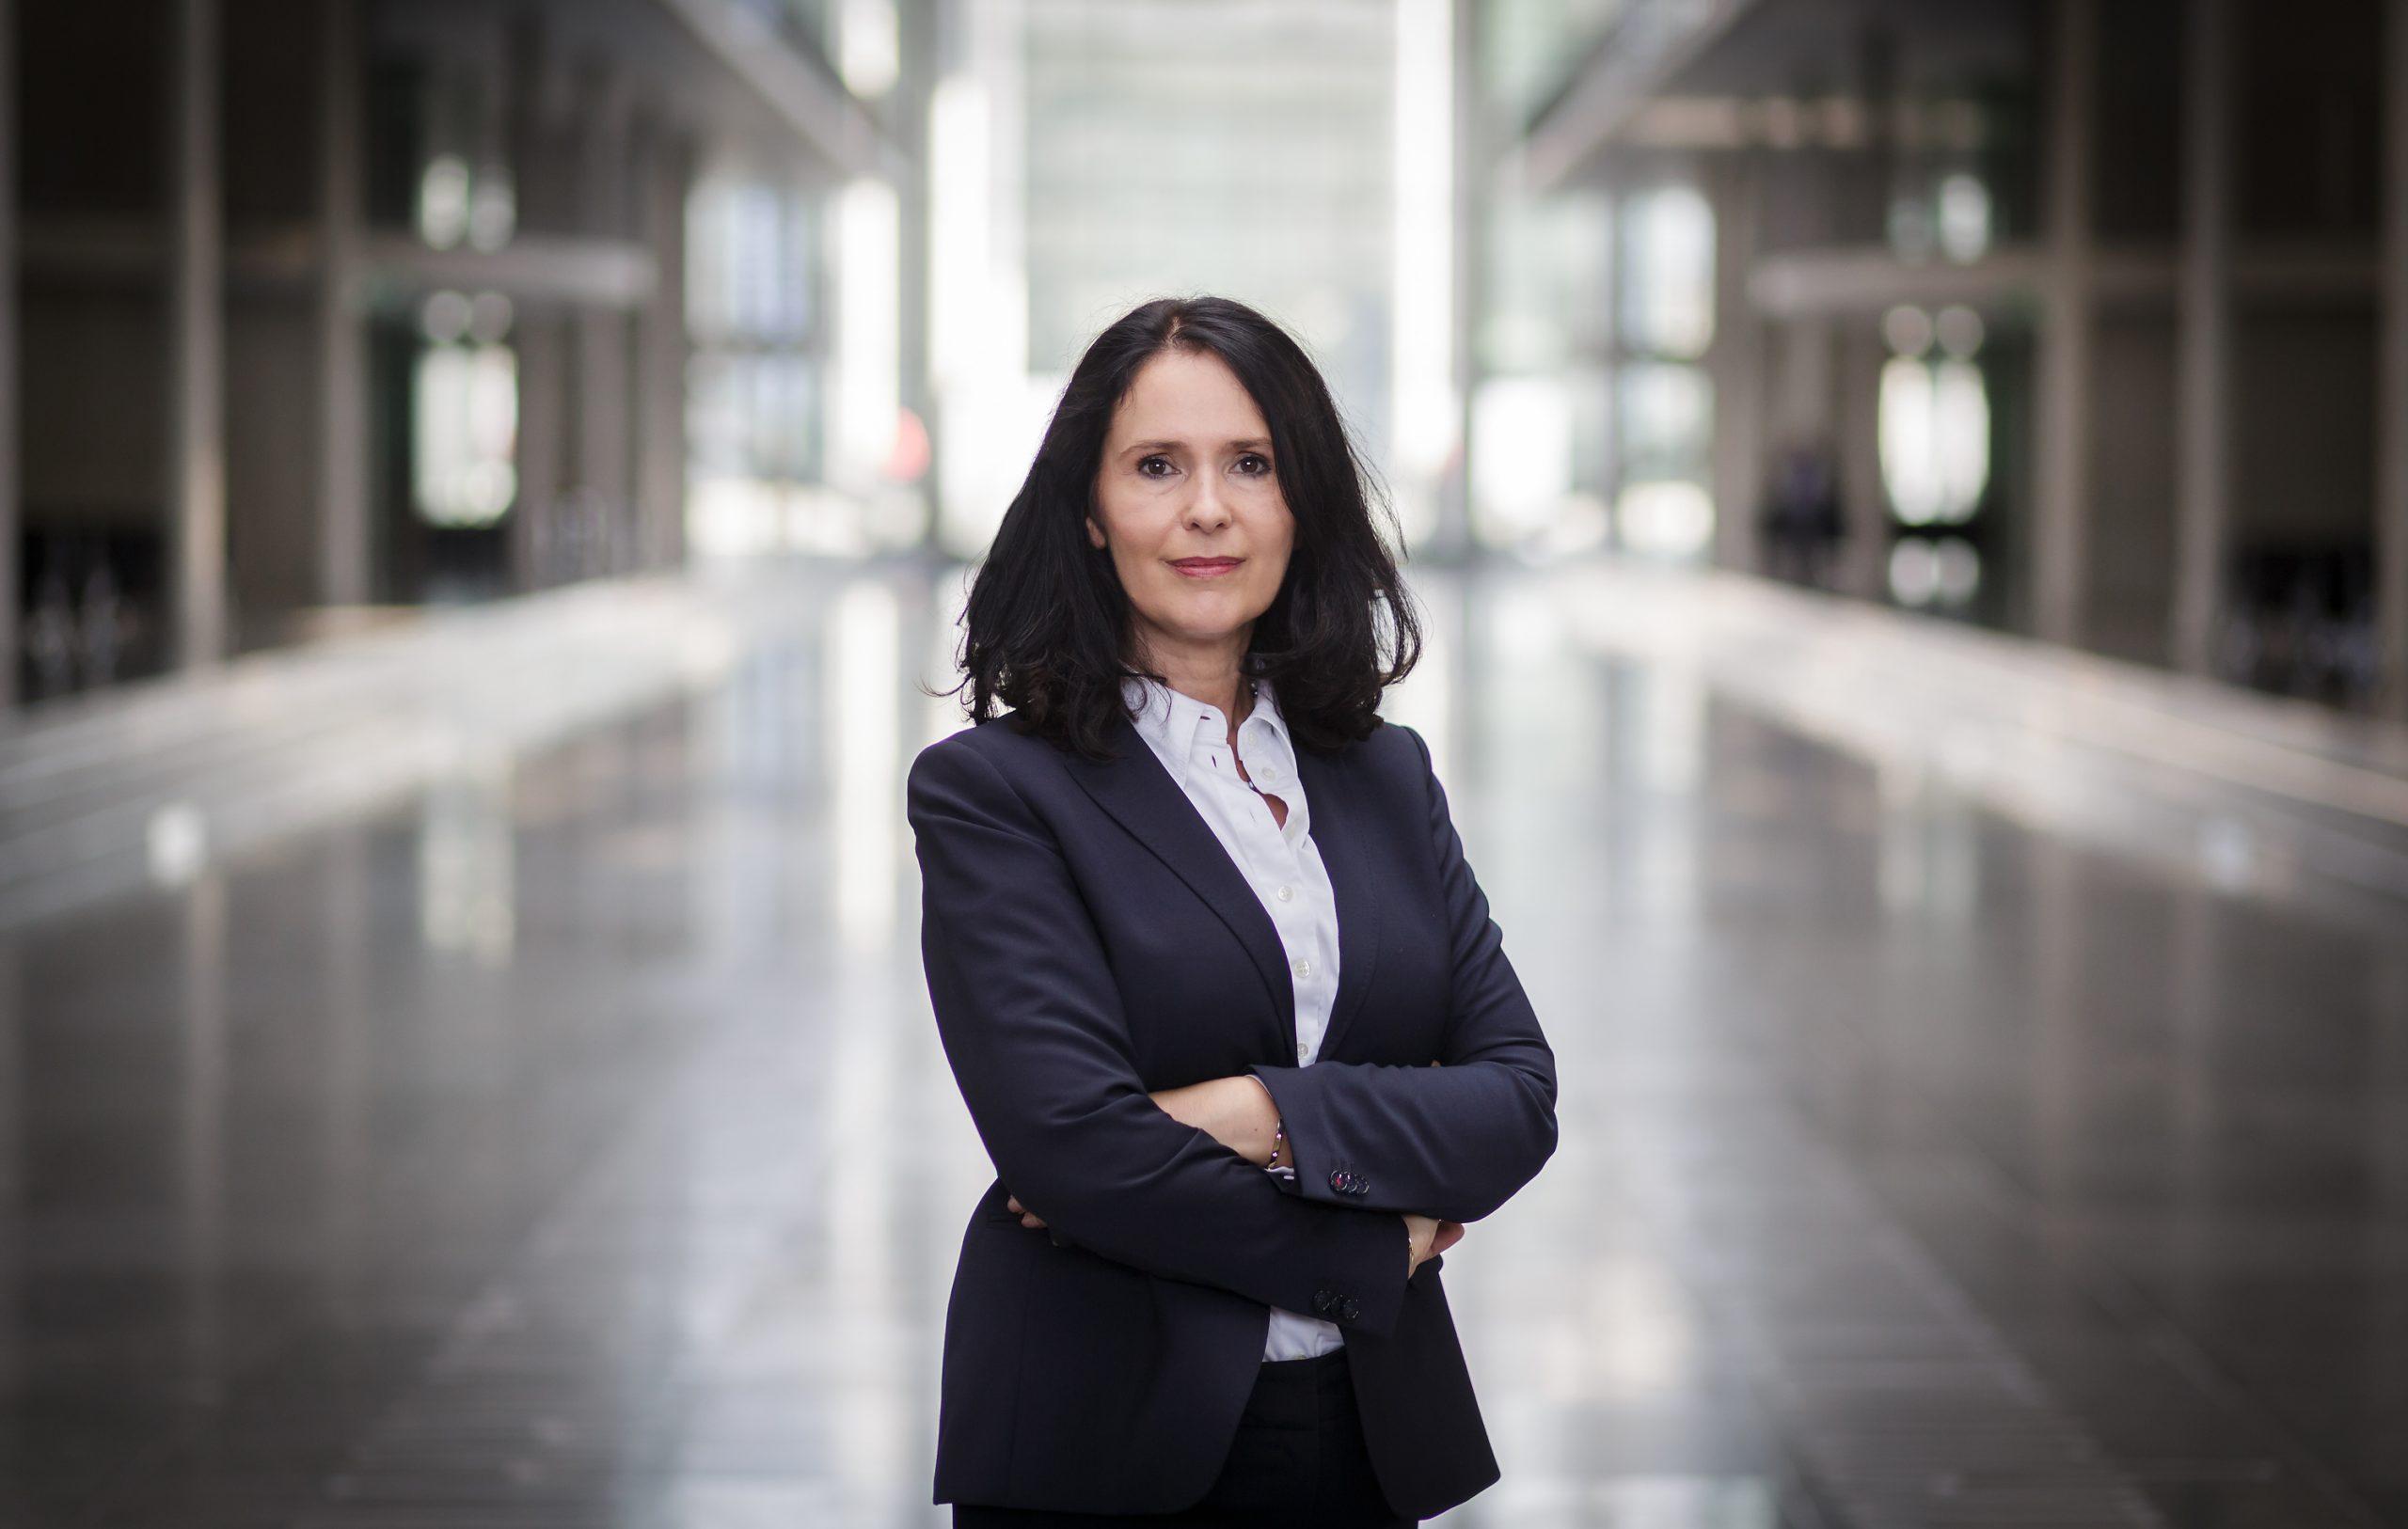 Elisabeth Winkelmeier-Becker (Foto: Tobias Koch)